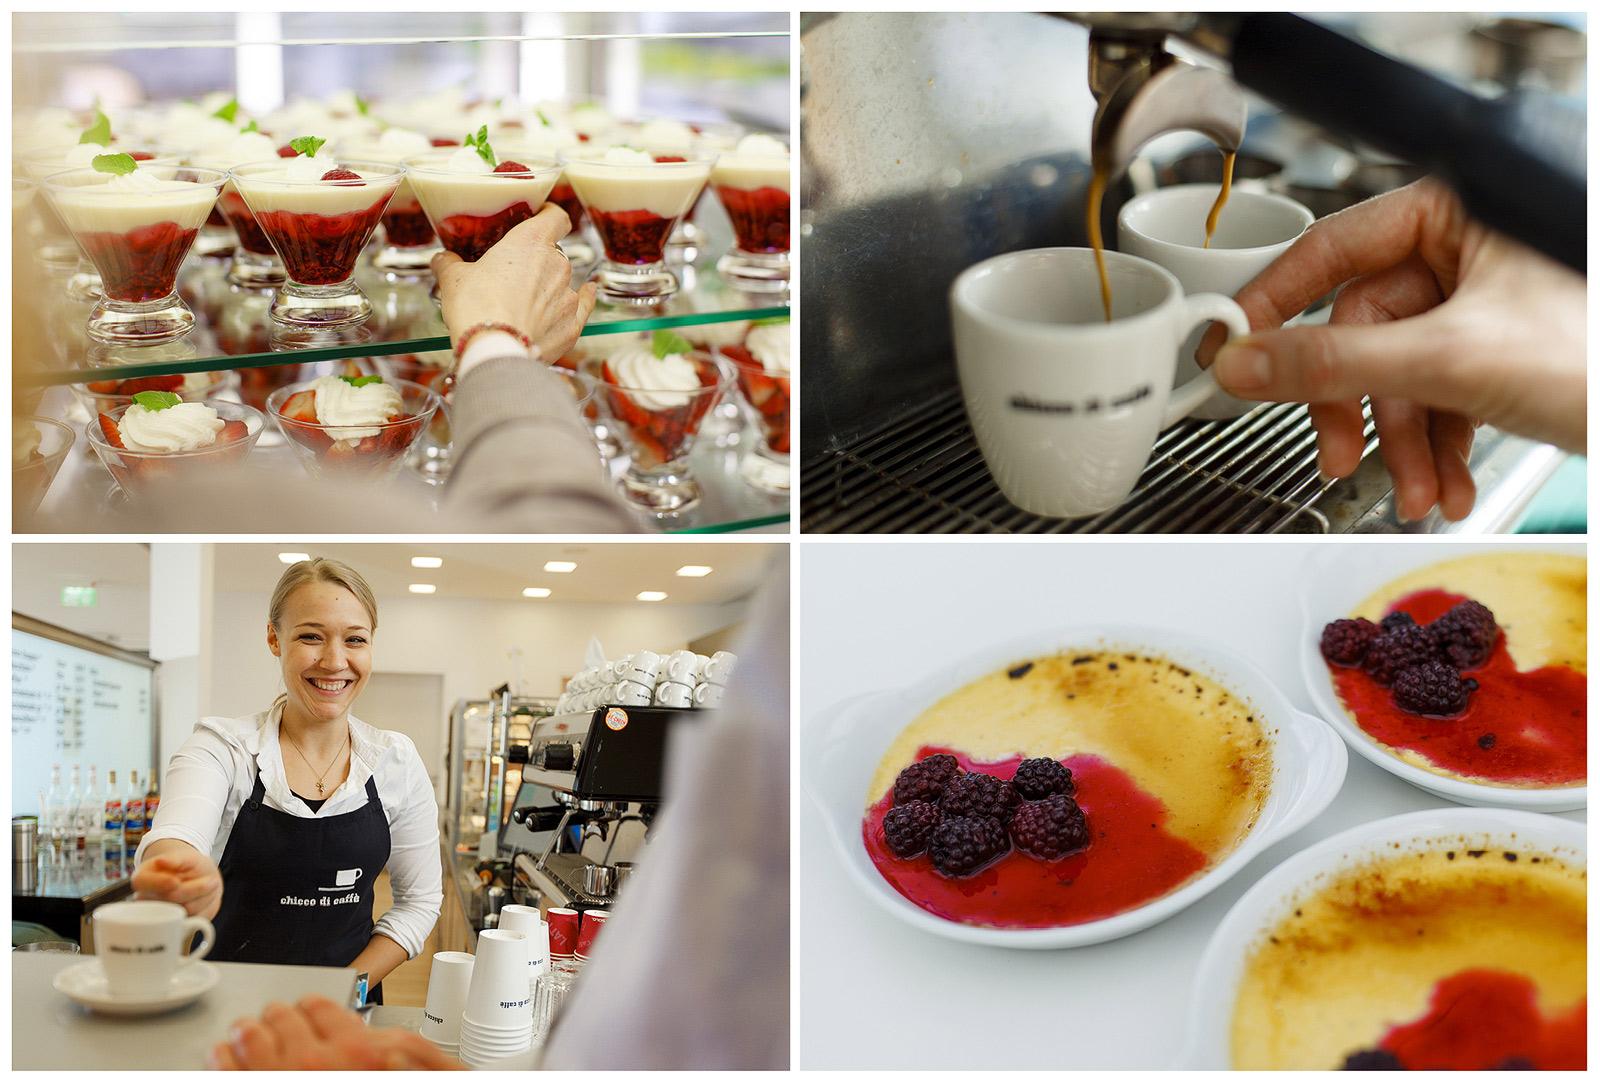 Detailfotos aus Cafe und Catering